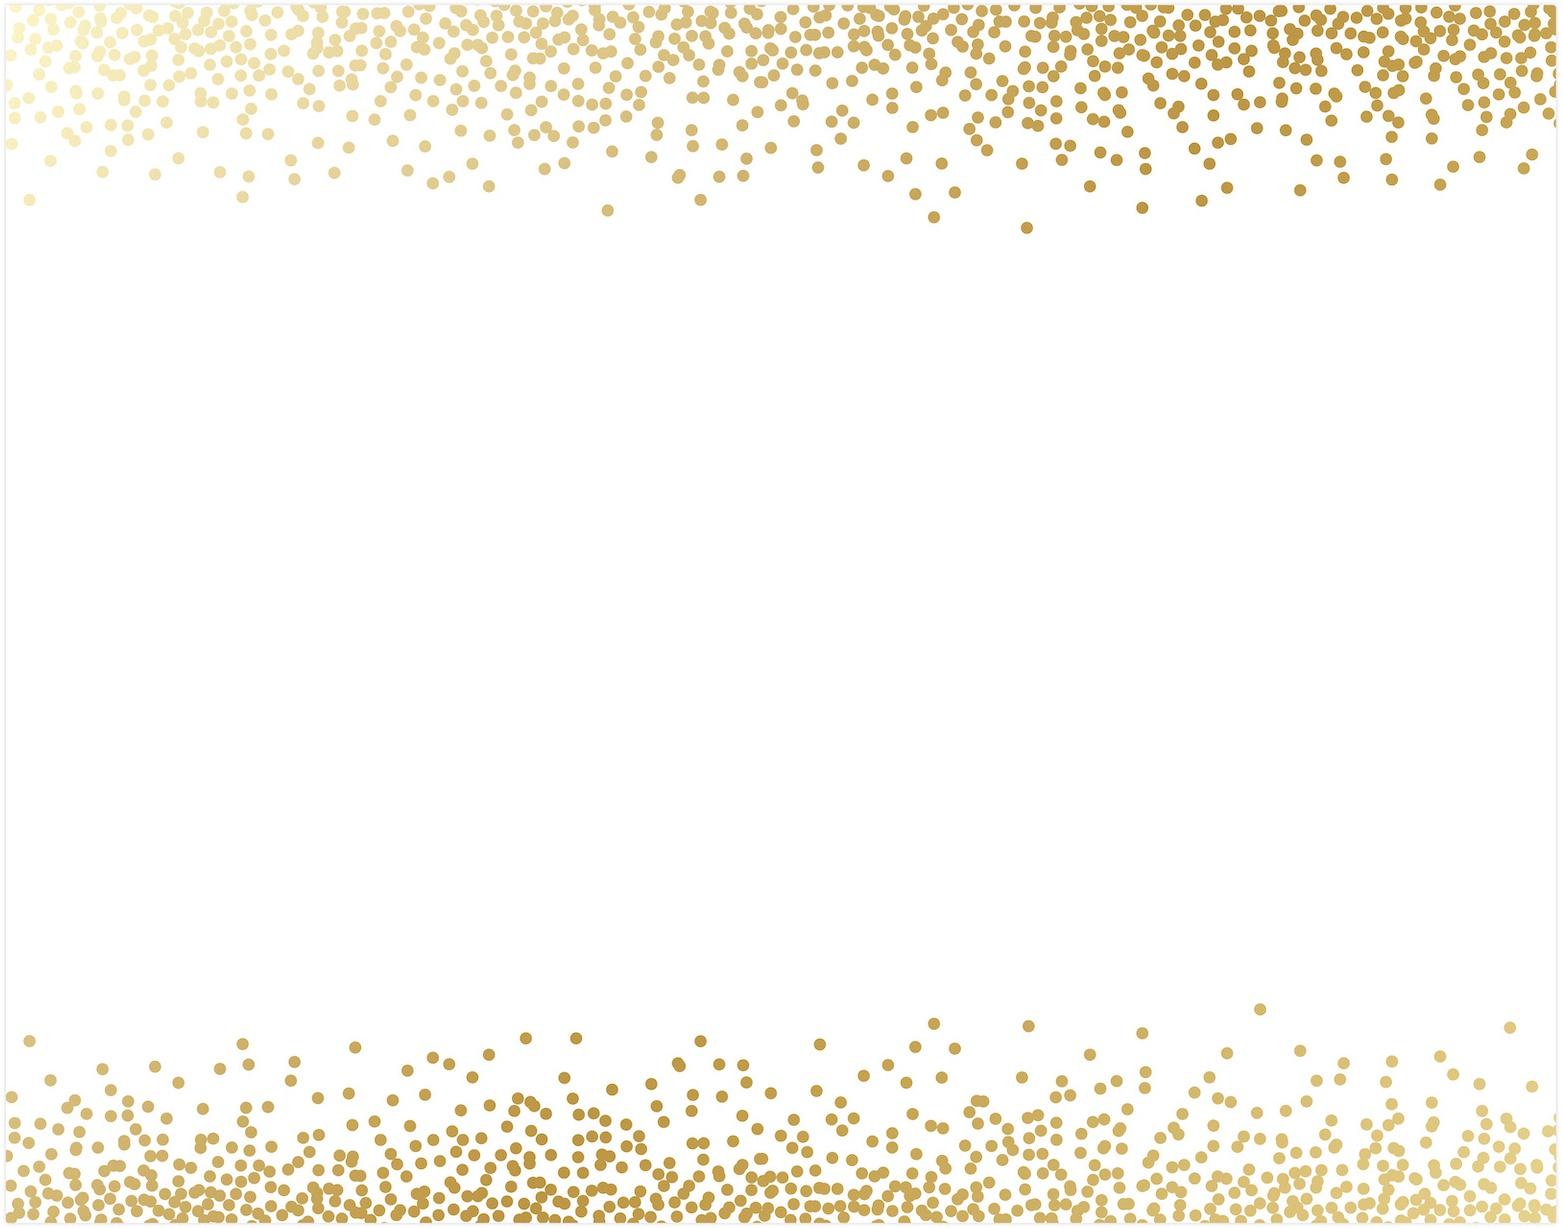 AC Specialty Poster Board 22X28-Gold Foil Confetti